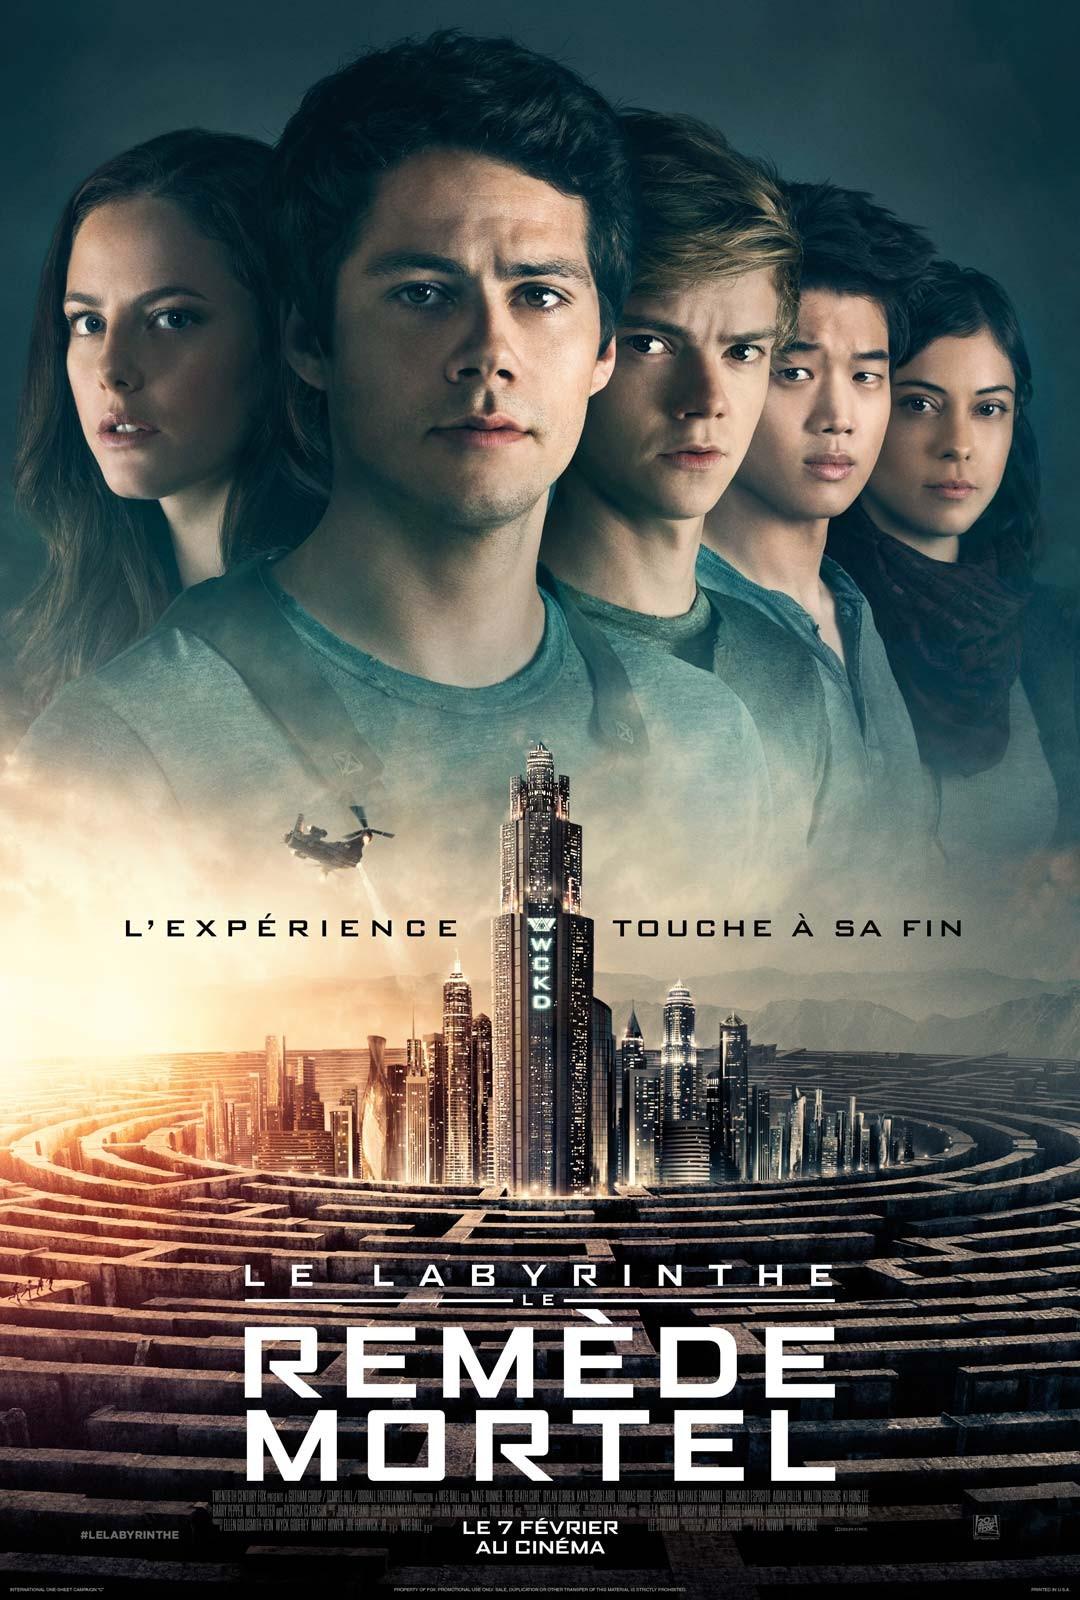 'Le labyrinthe 3'- Le remède mortel'